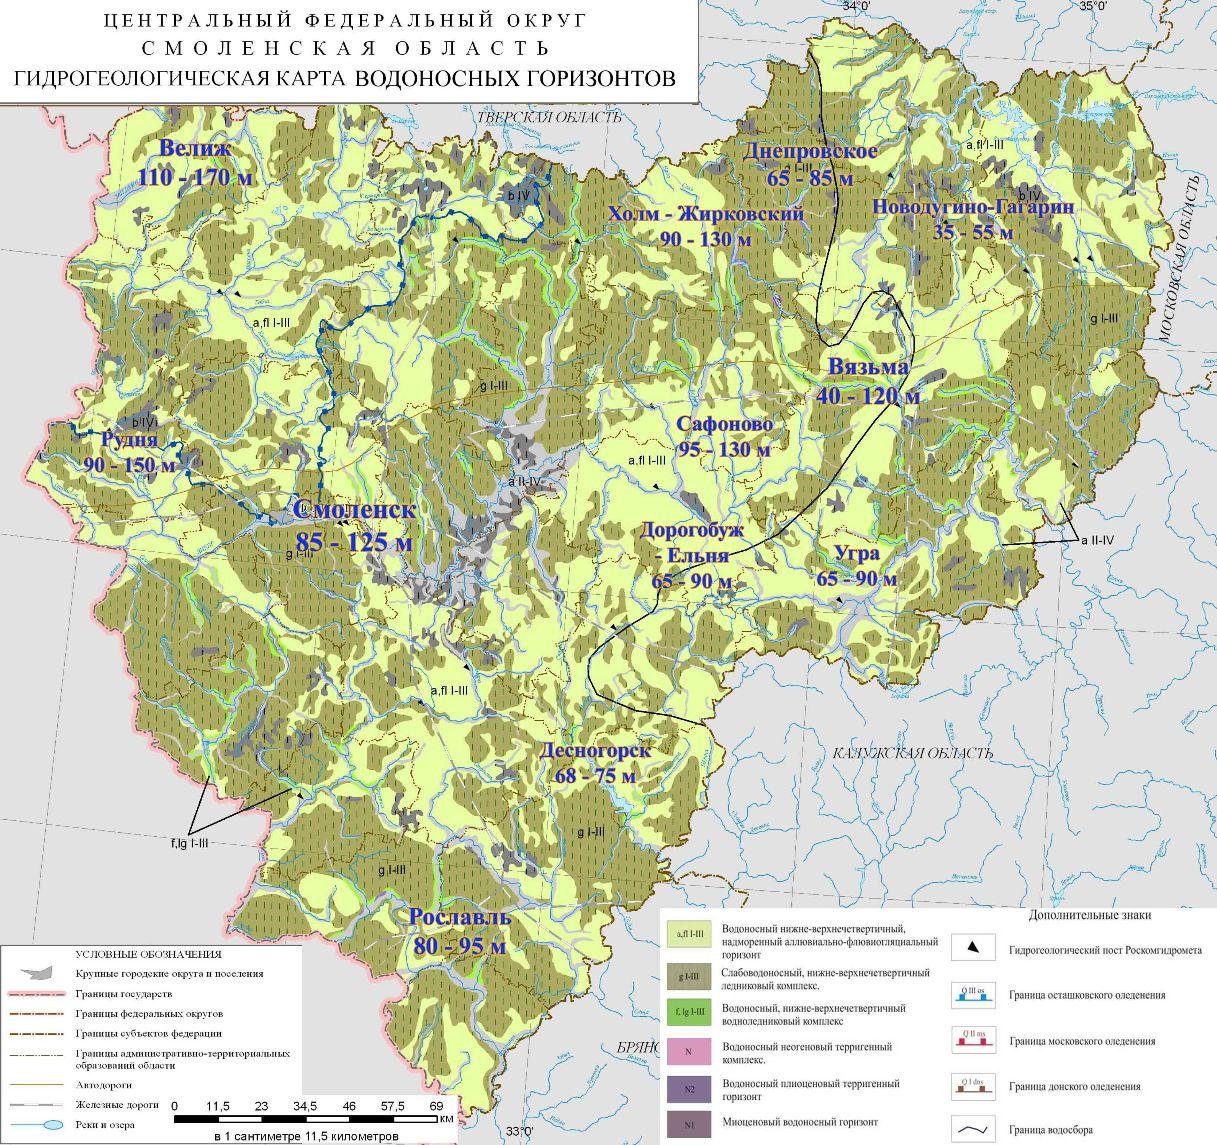 гидрогеологическая карта смоленской области